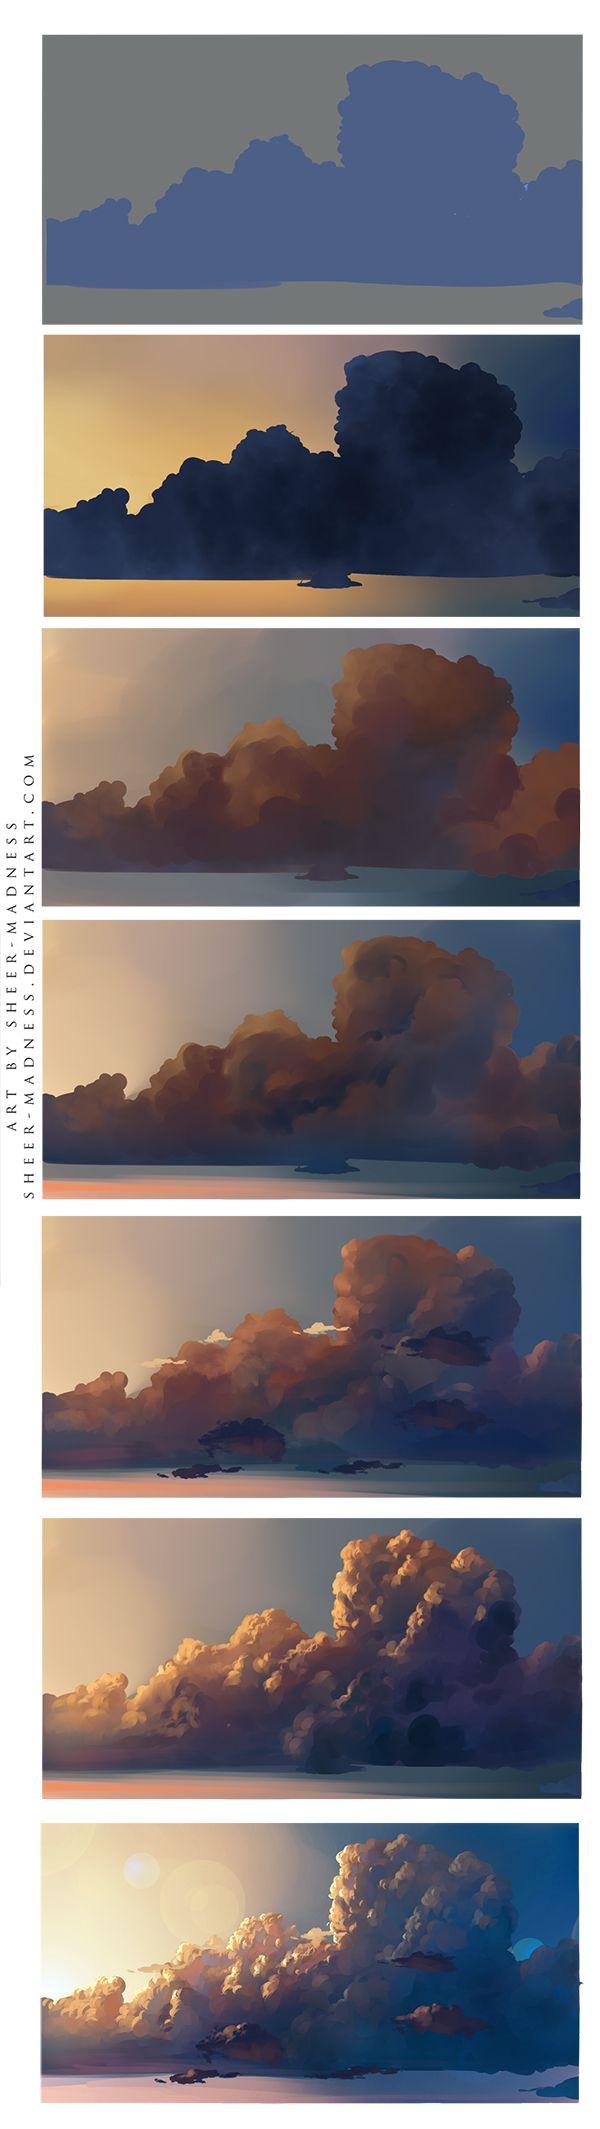 cloud by sheer-madness.deviantart.com on @deviantART